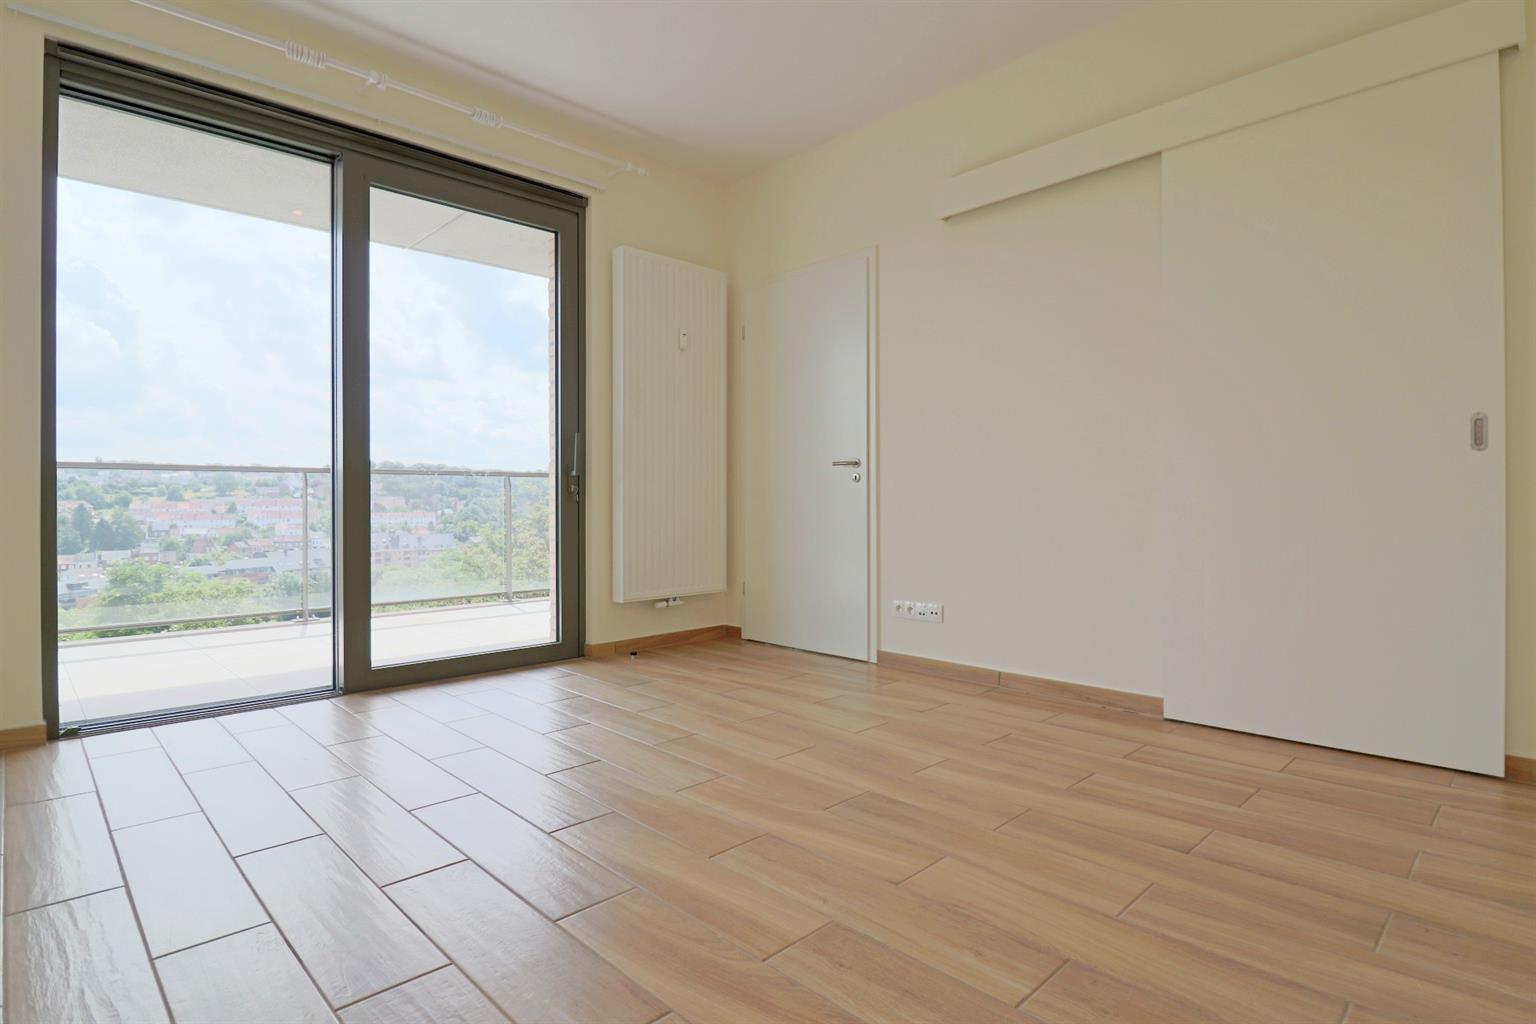 Appartement - Ottignies-Louvain-la-Neuve - #4406875-4